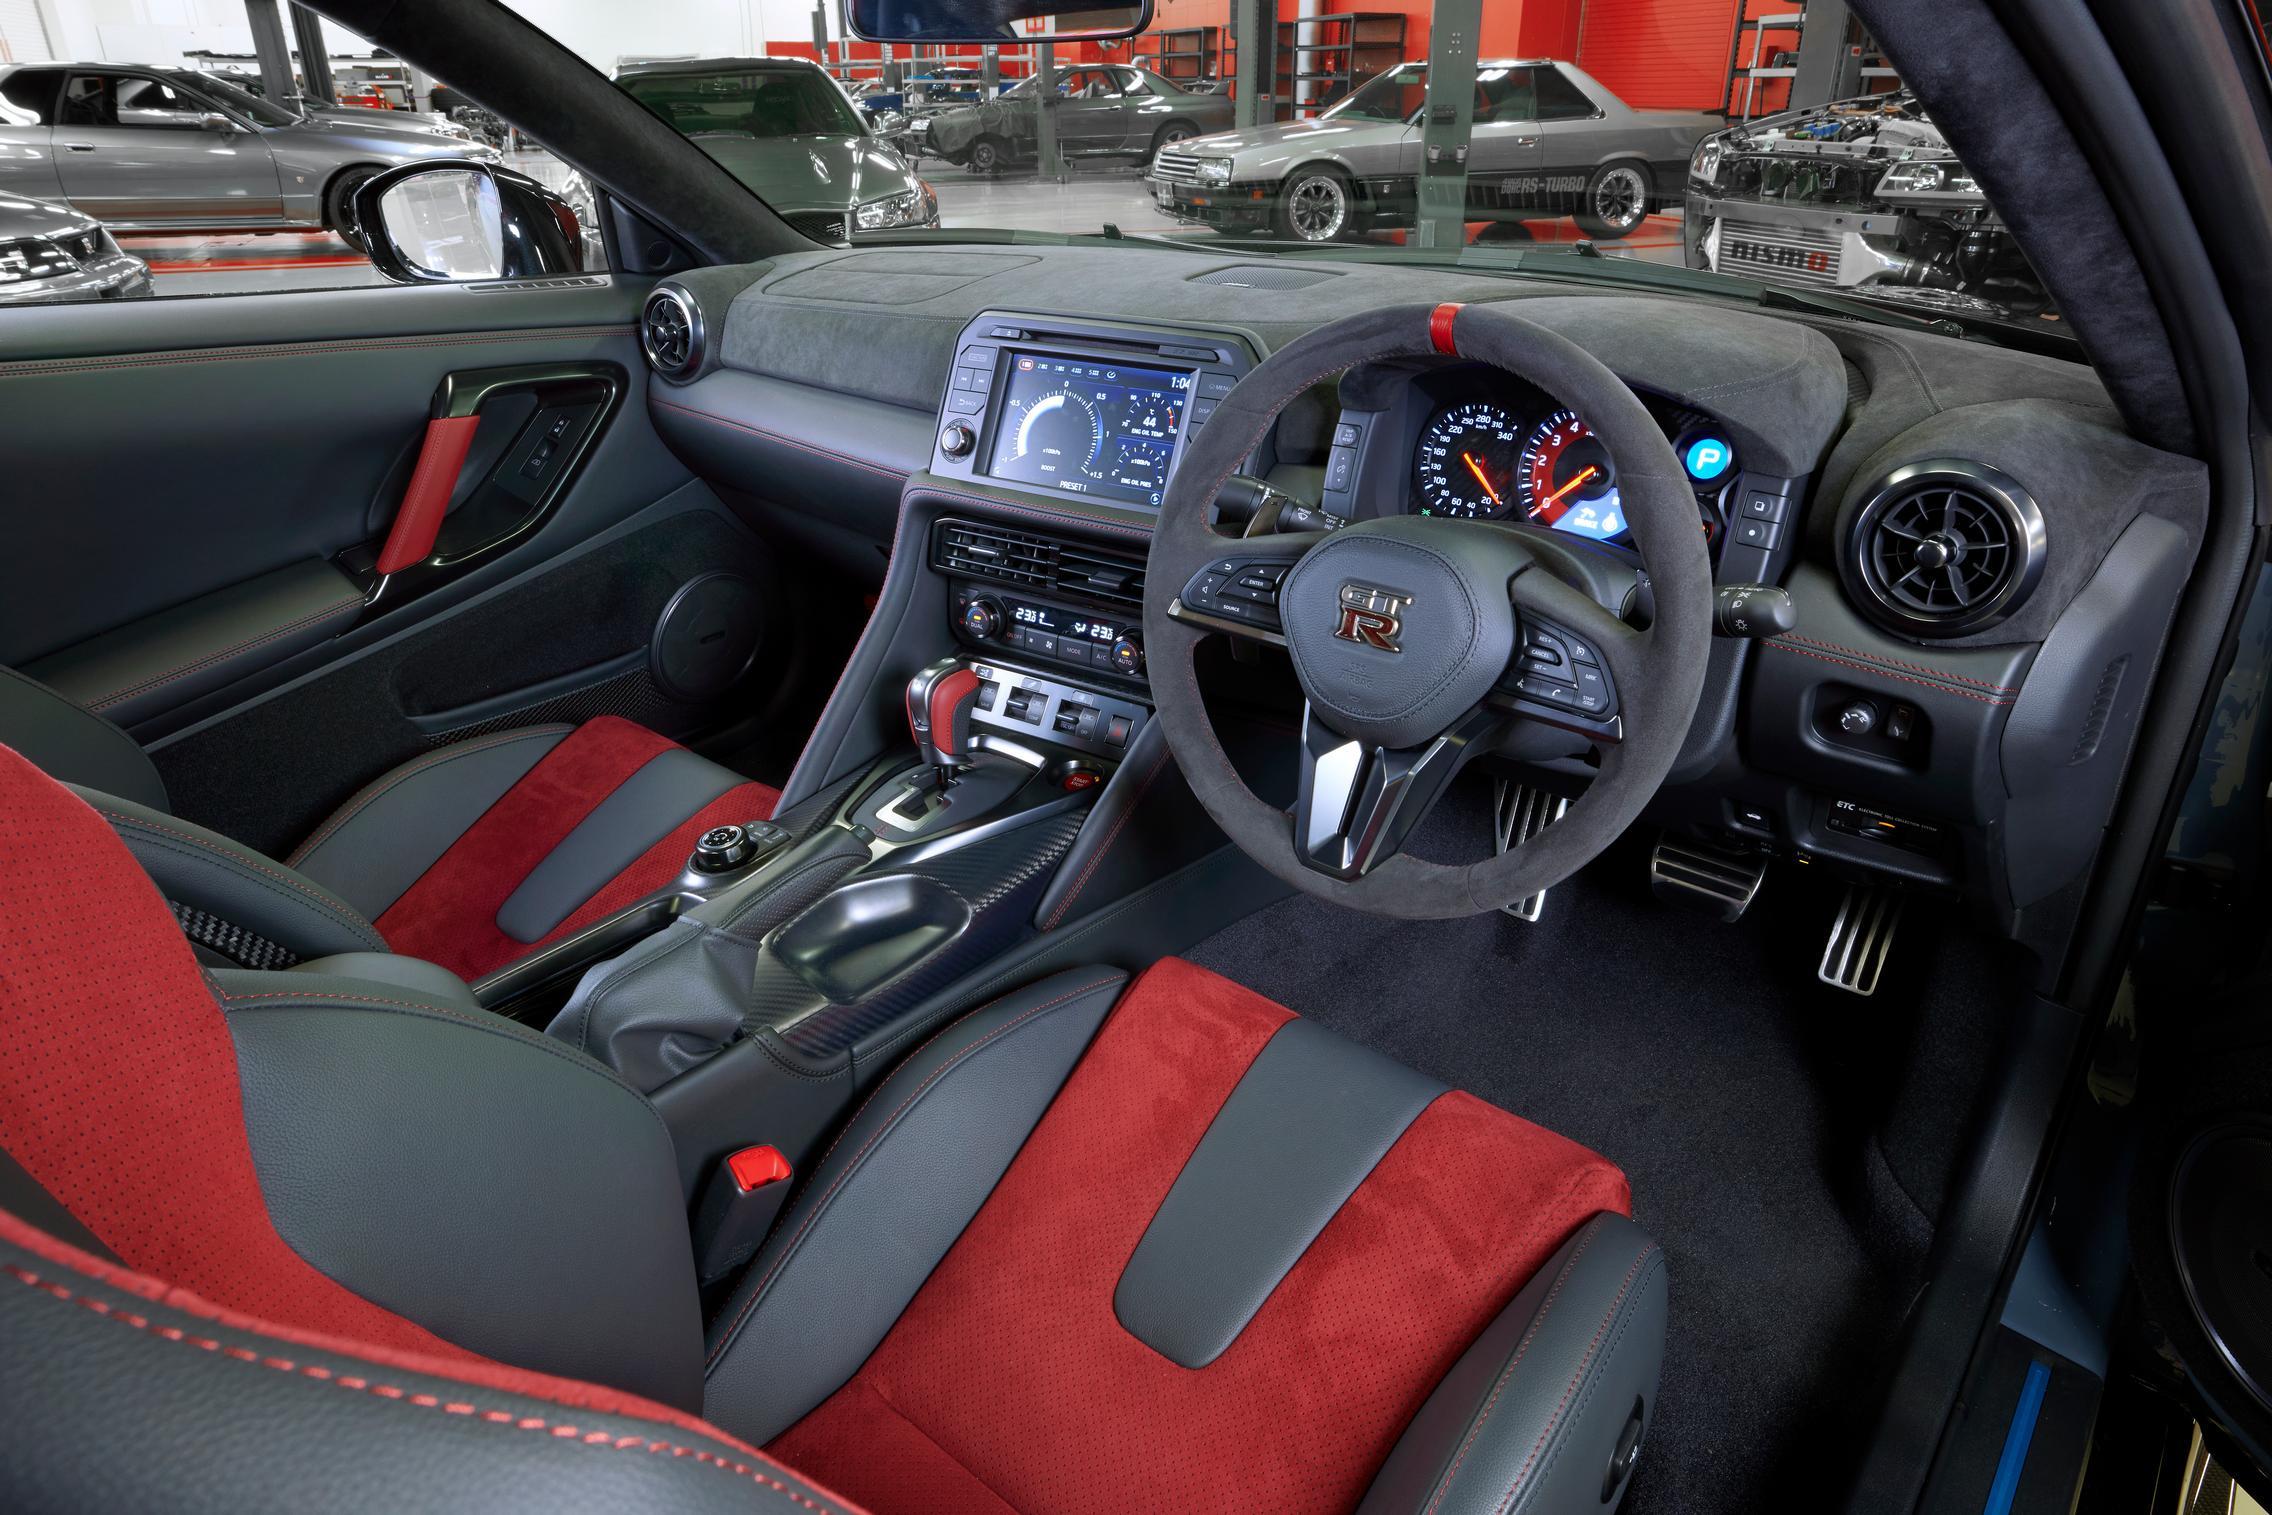 2022 Nissan GT-R Nismo interior